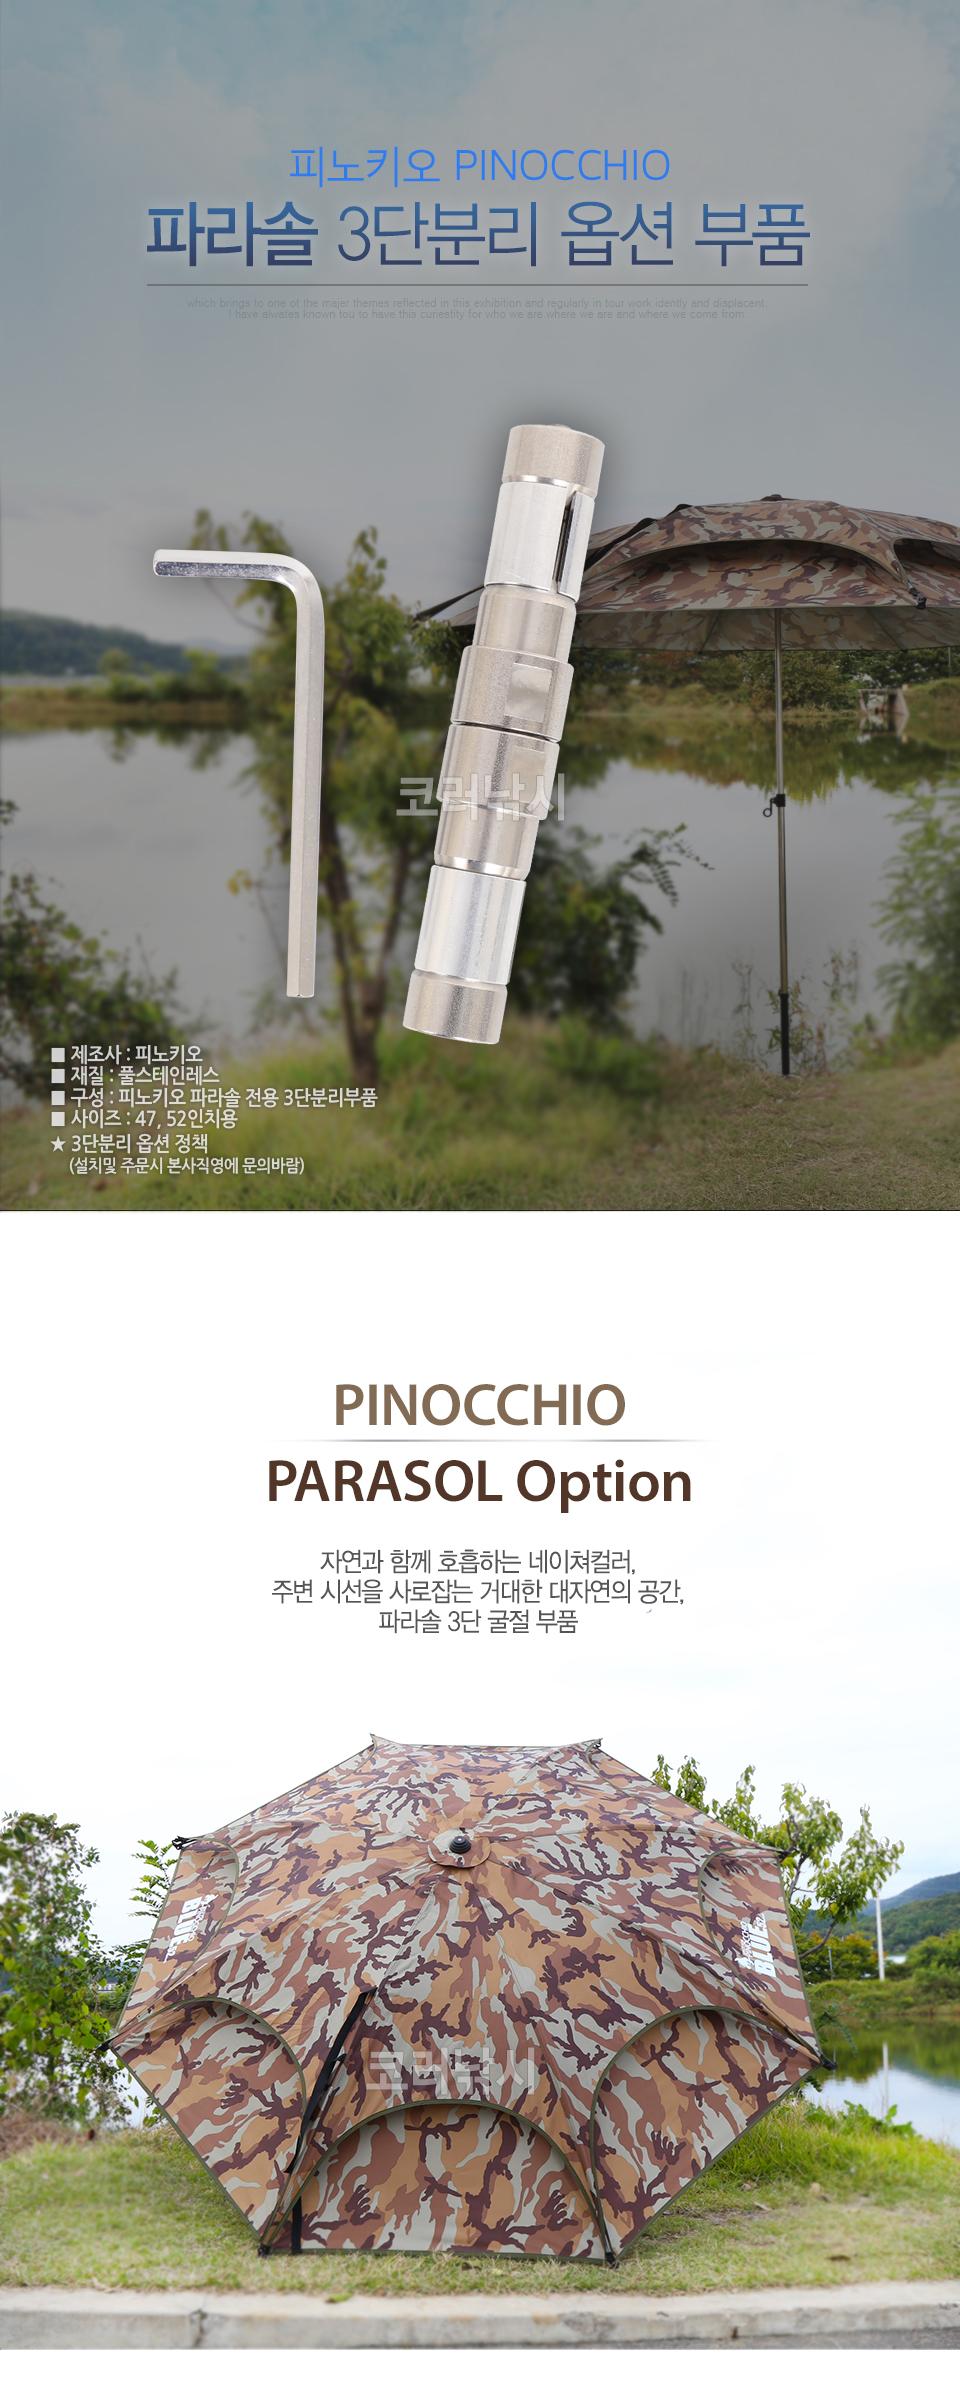 피노키오 파라솔 3단분리 옵션 부품 밀리터리파라솔 최대파라솔 피노키오파라솔 영신양산파라솔